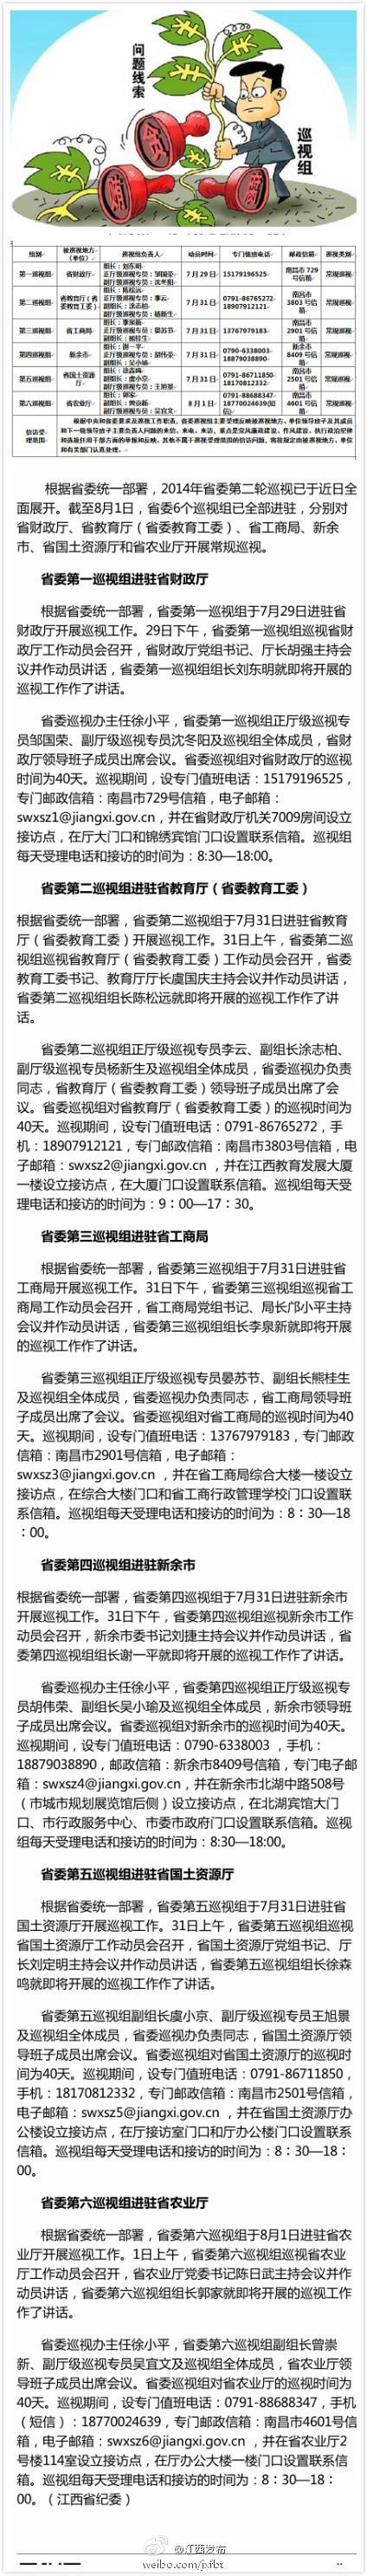 江西省第二轮巡视组全部进驻